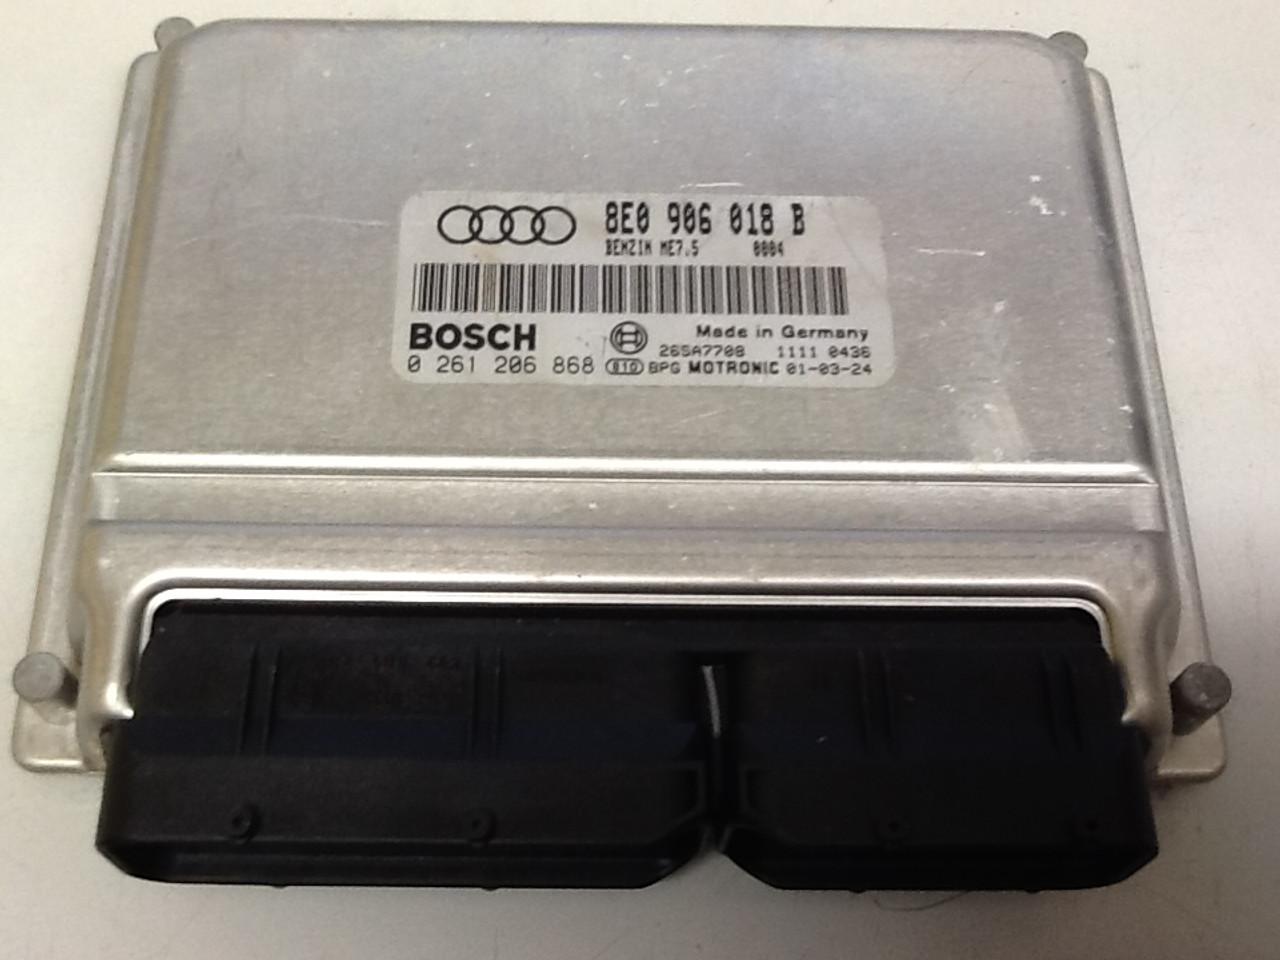 Plug & Play Bosch Engine ECU, 0 261 206 868, 0261206868, 8E0 906 018 B, 8E0906018B, ME7.5